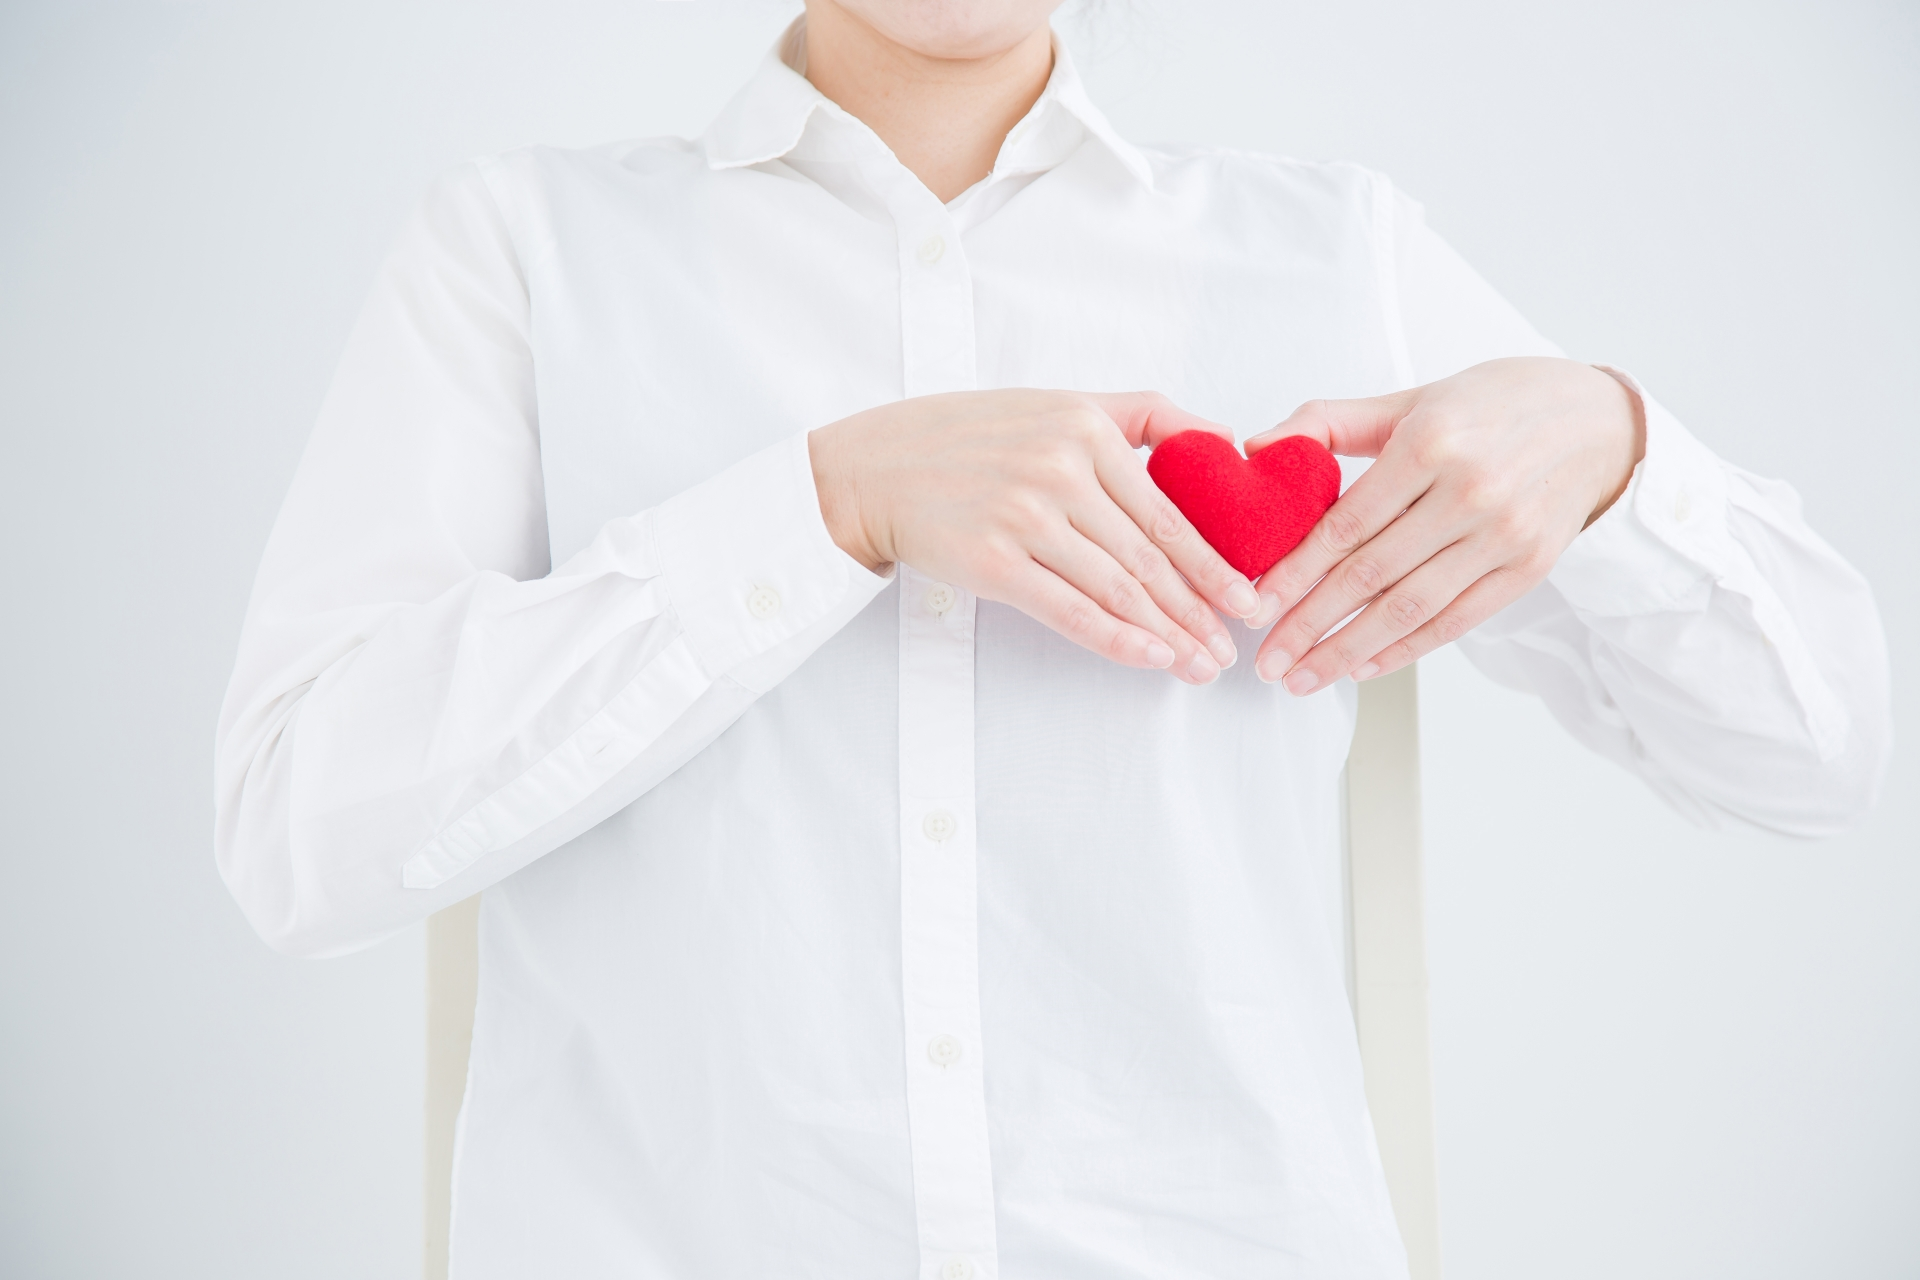 アラガンの人工乳房の続報